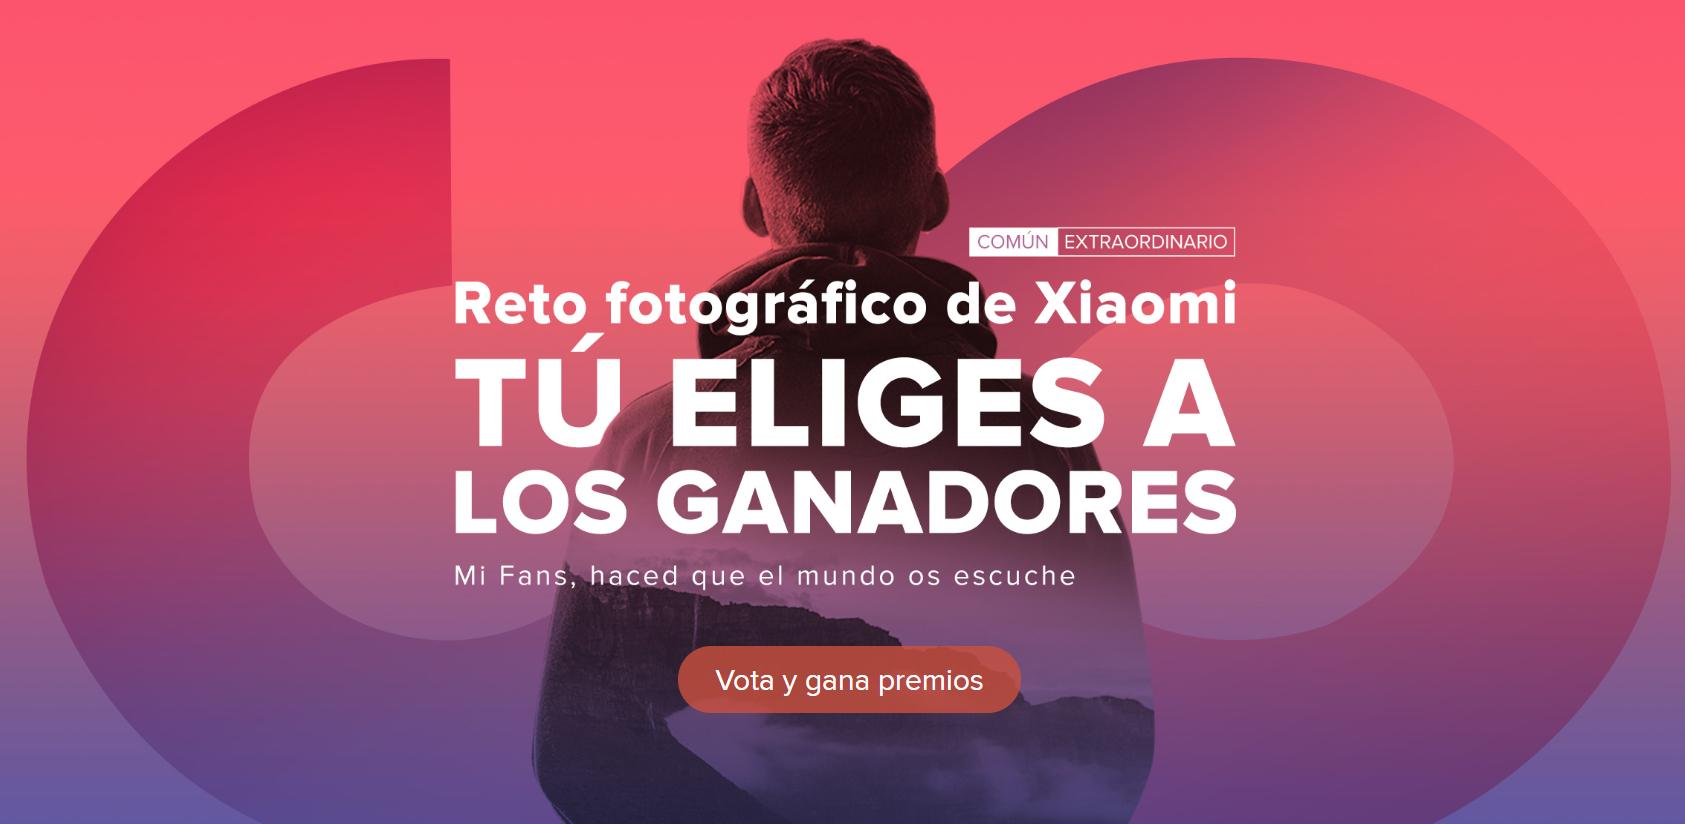 Gana cheques votando en el Reto Fotográfico de Xiaomi.